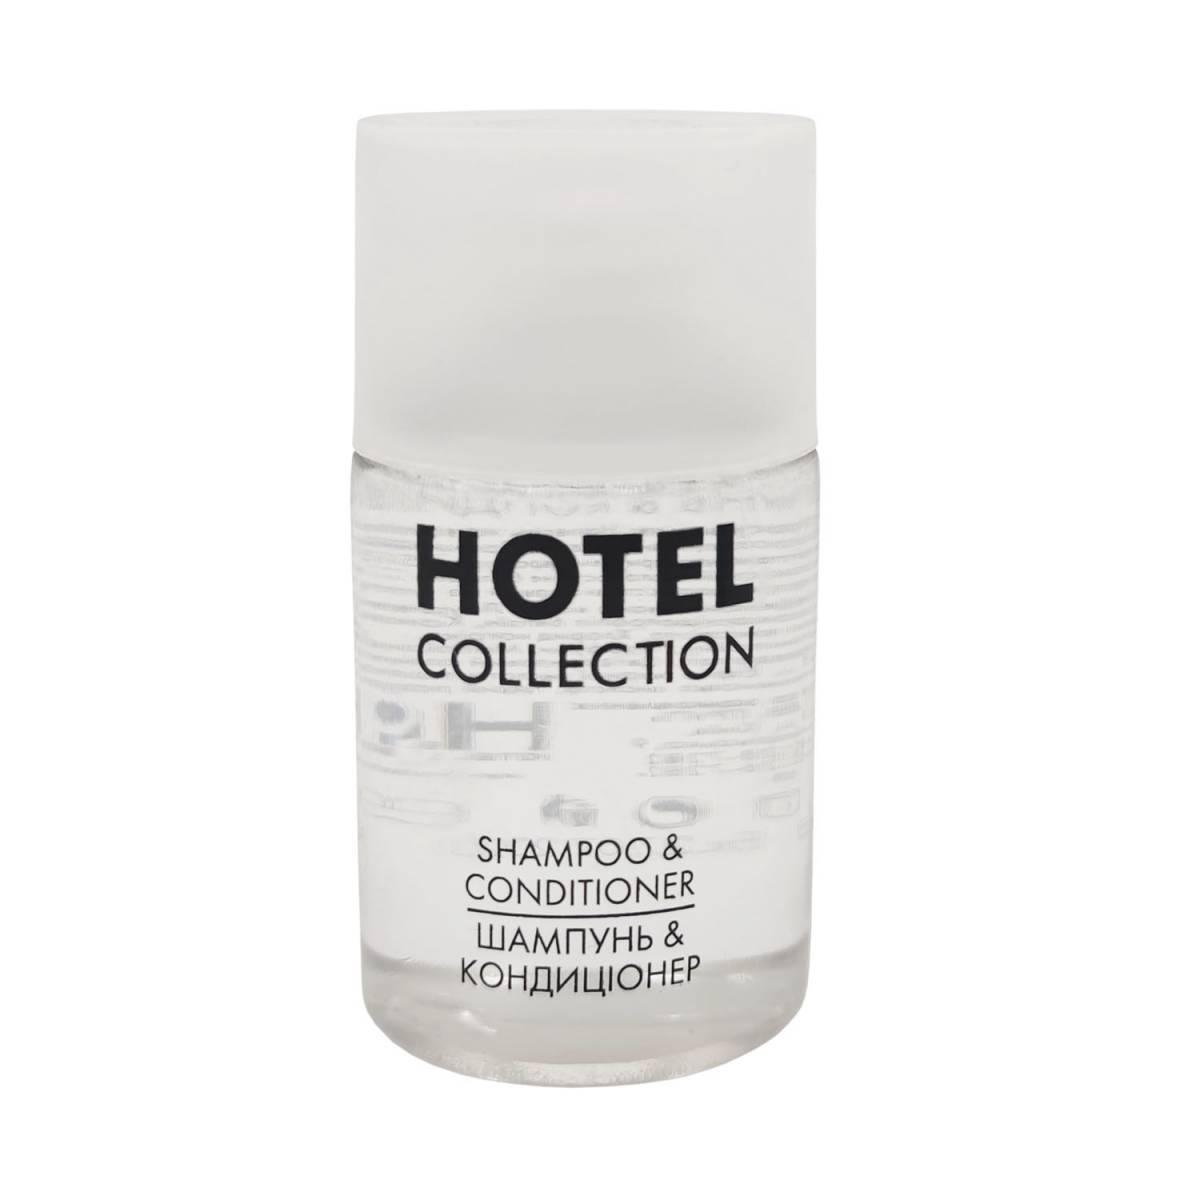 Шампунь&кондиционер 20 мл одноразовый для гостиниц SHC/B20-HC HSG